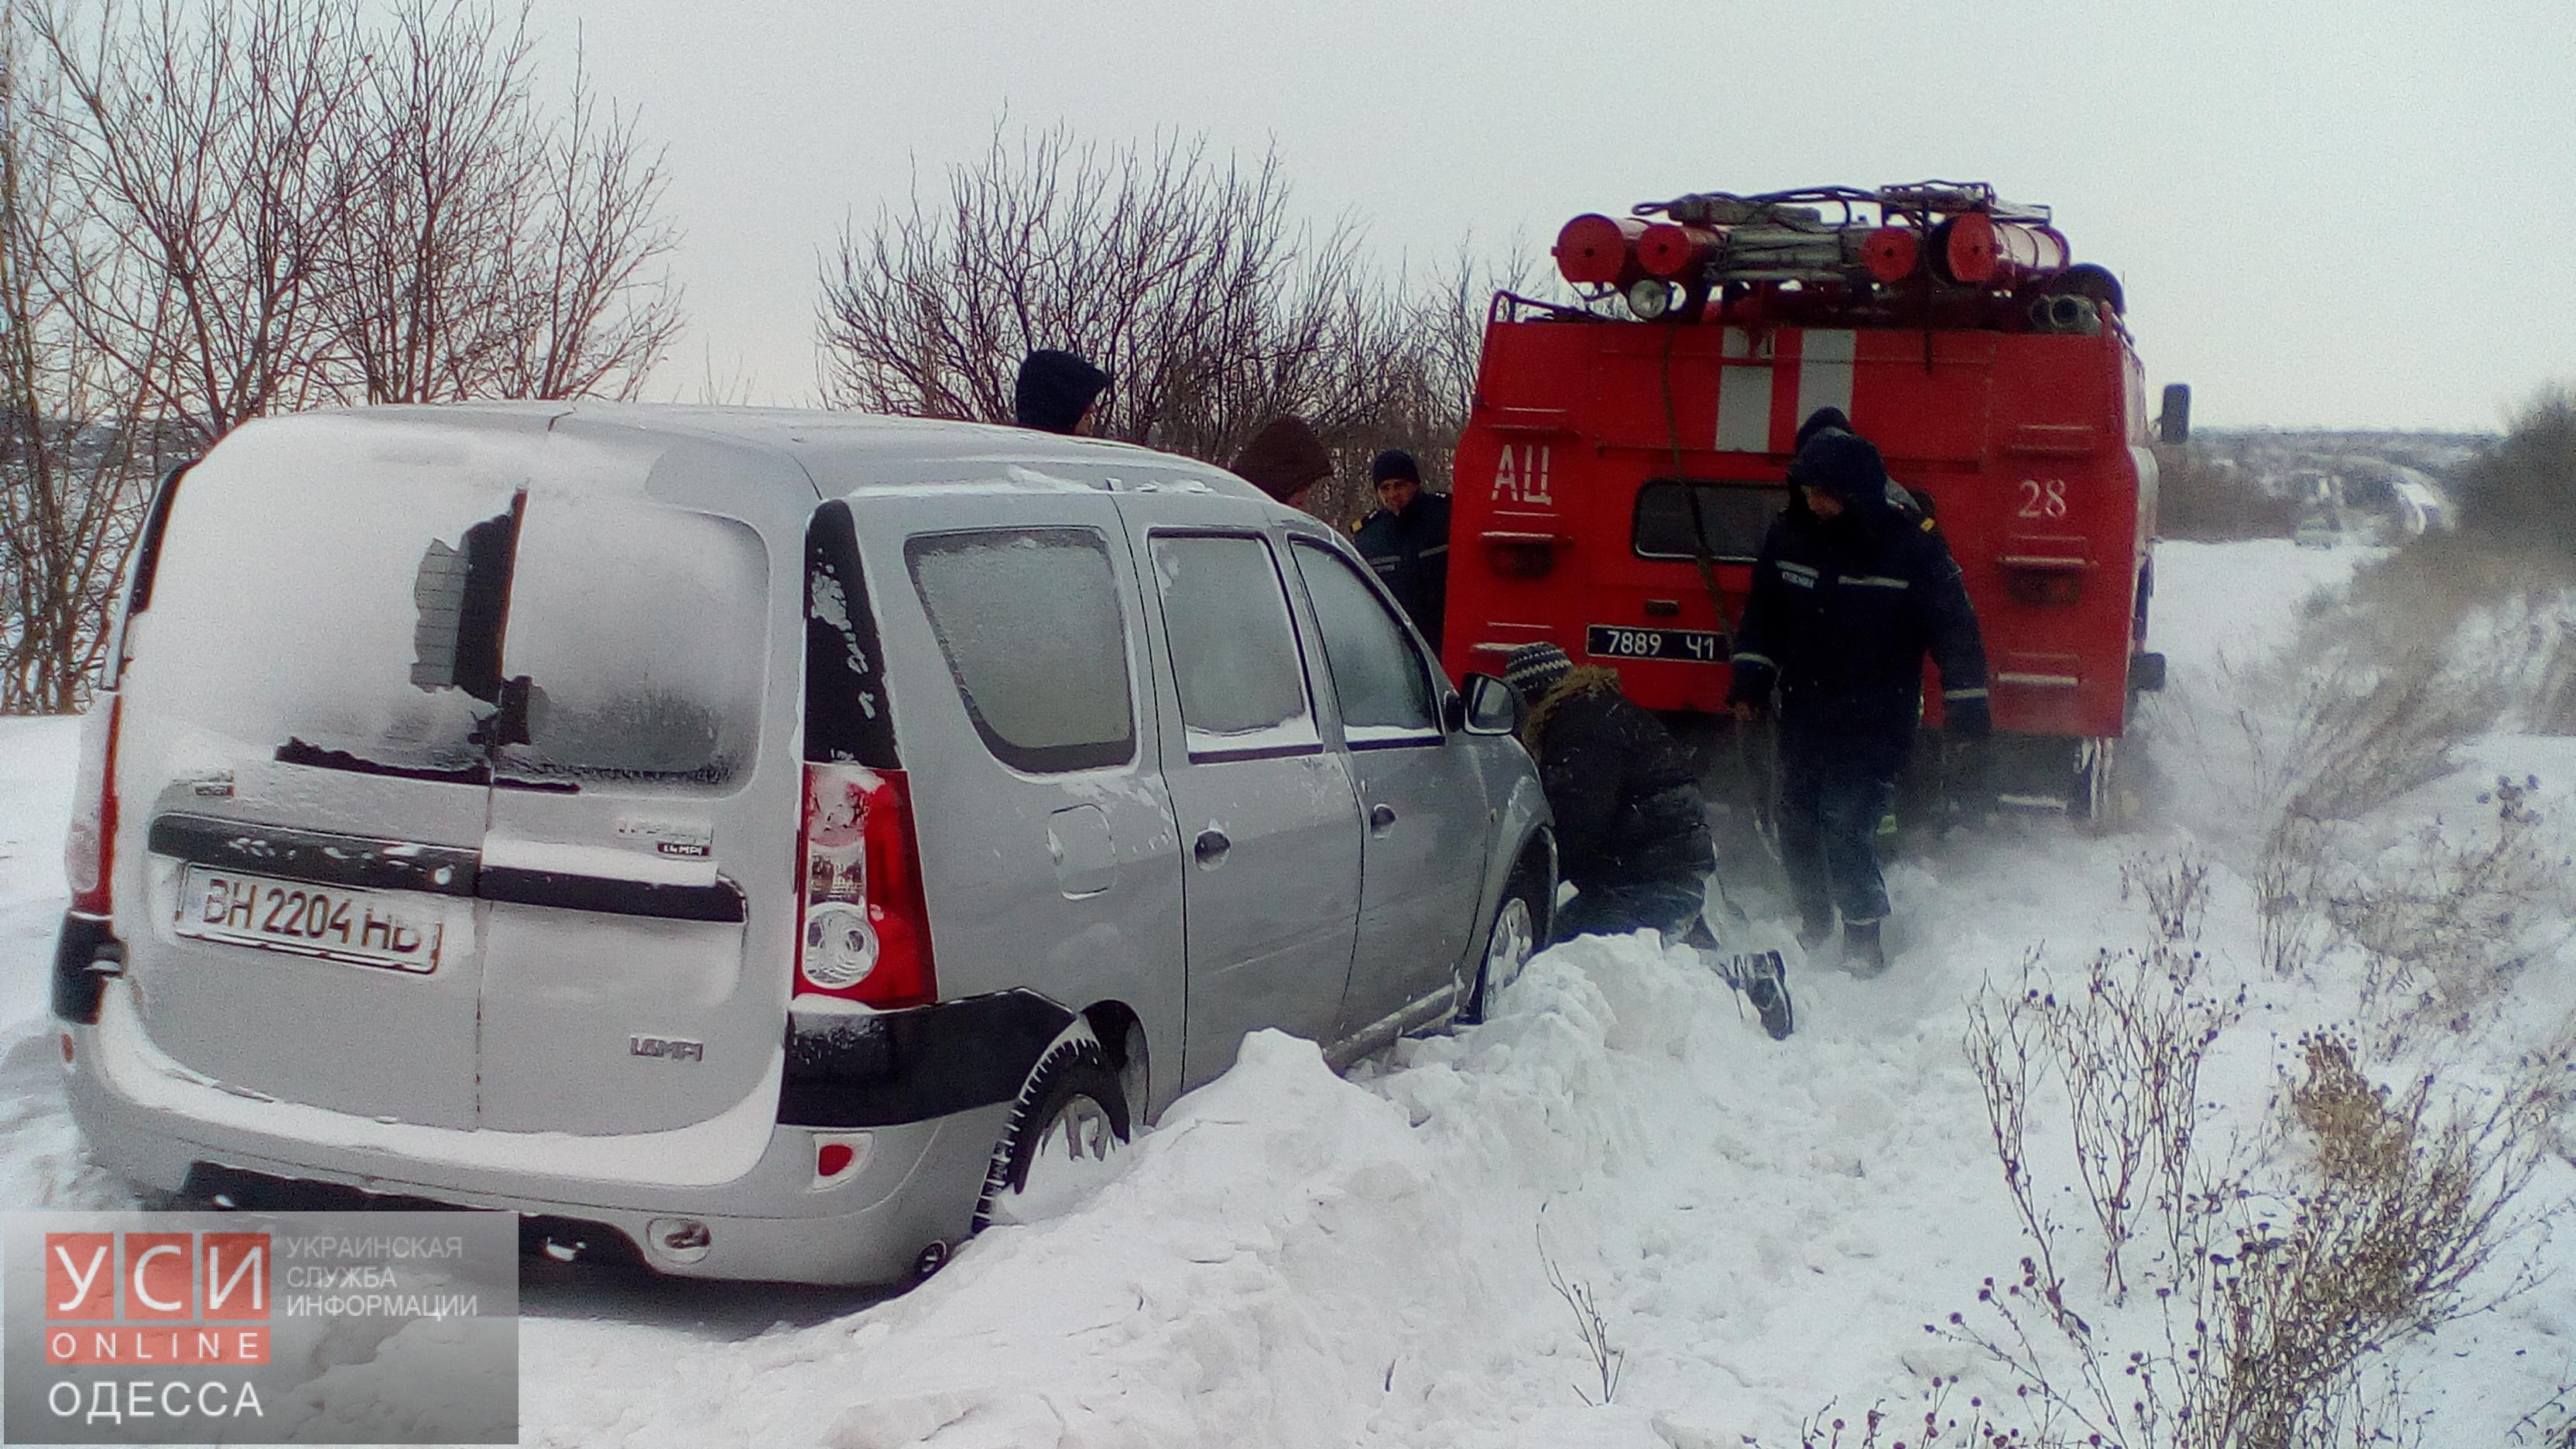 В Одесской области во время непогоды умер один из спасателей